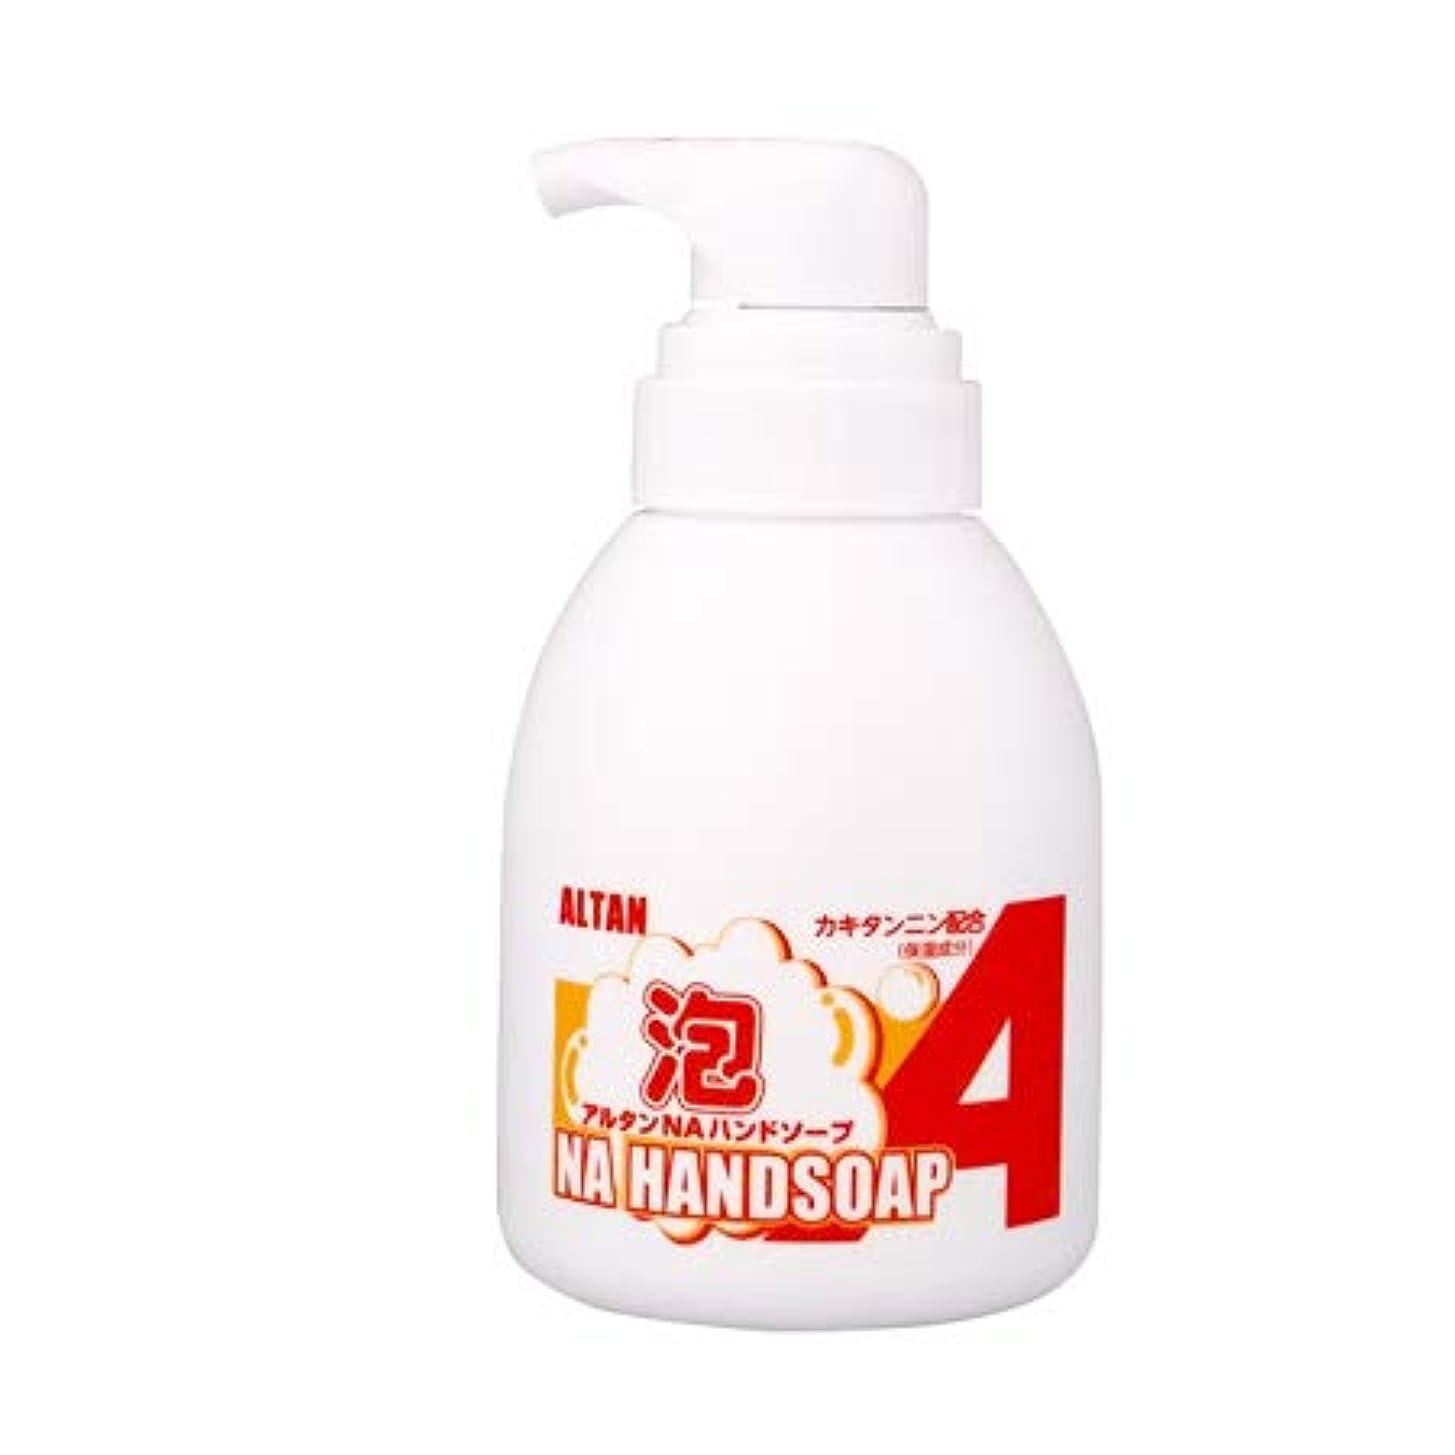 不健全異なる意志に反するアルタンNAハンドソープ 泡タイプ 500ml ボトル 1ケース (20本入)